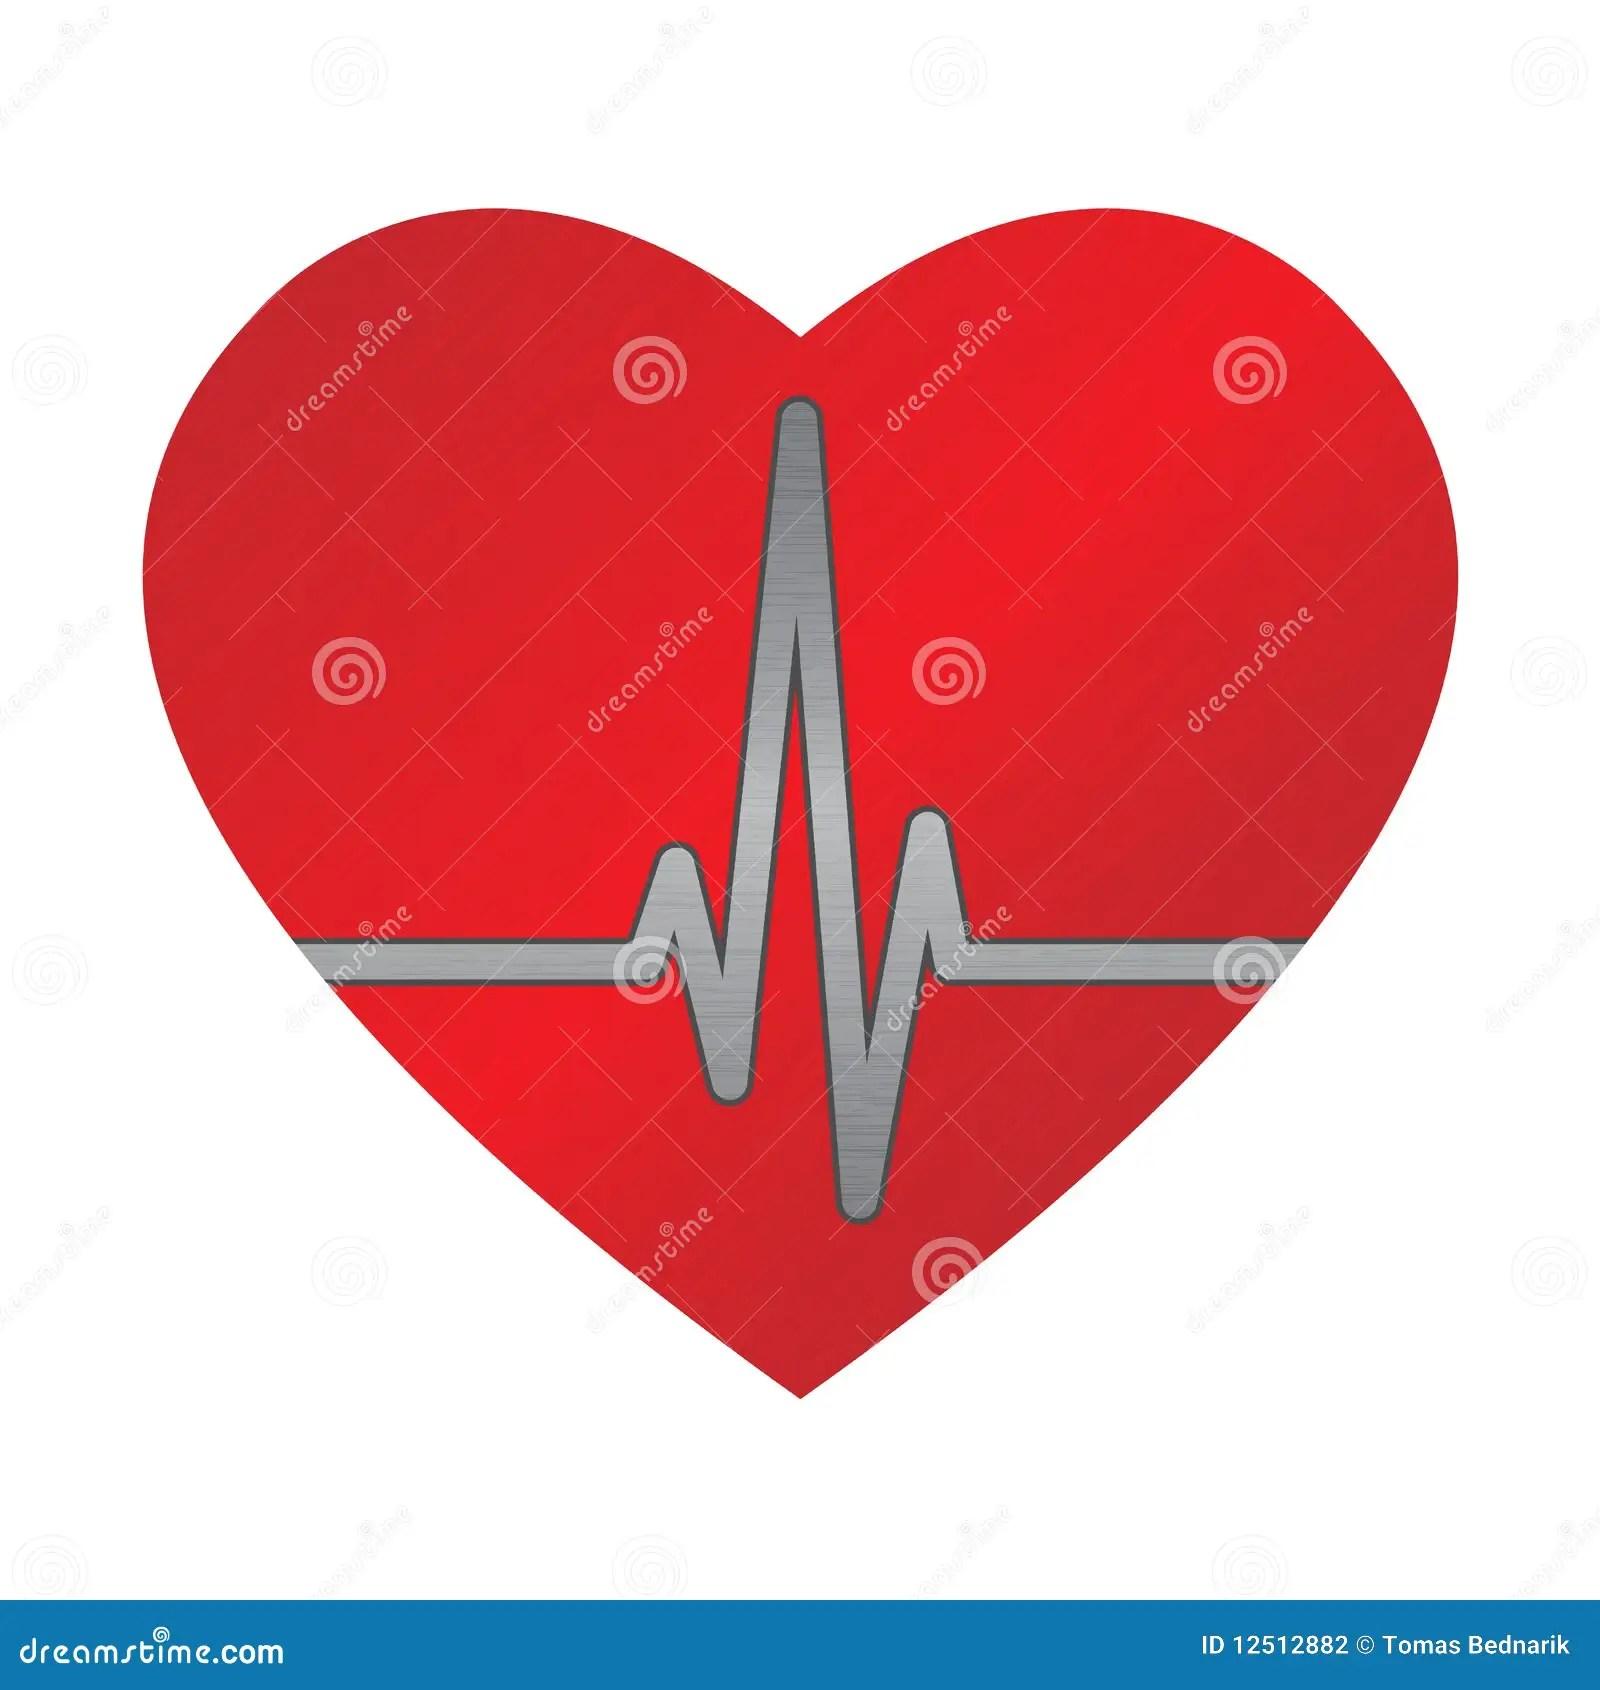 Love Patient Wallpaper